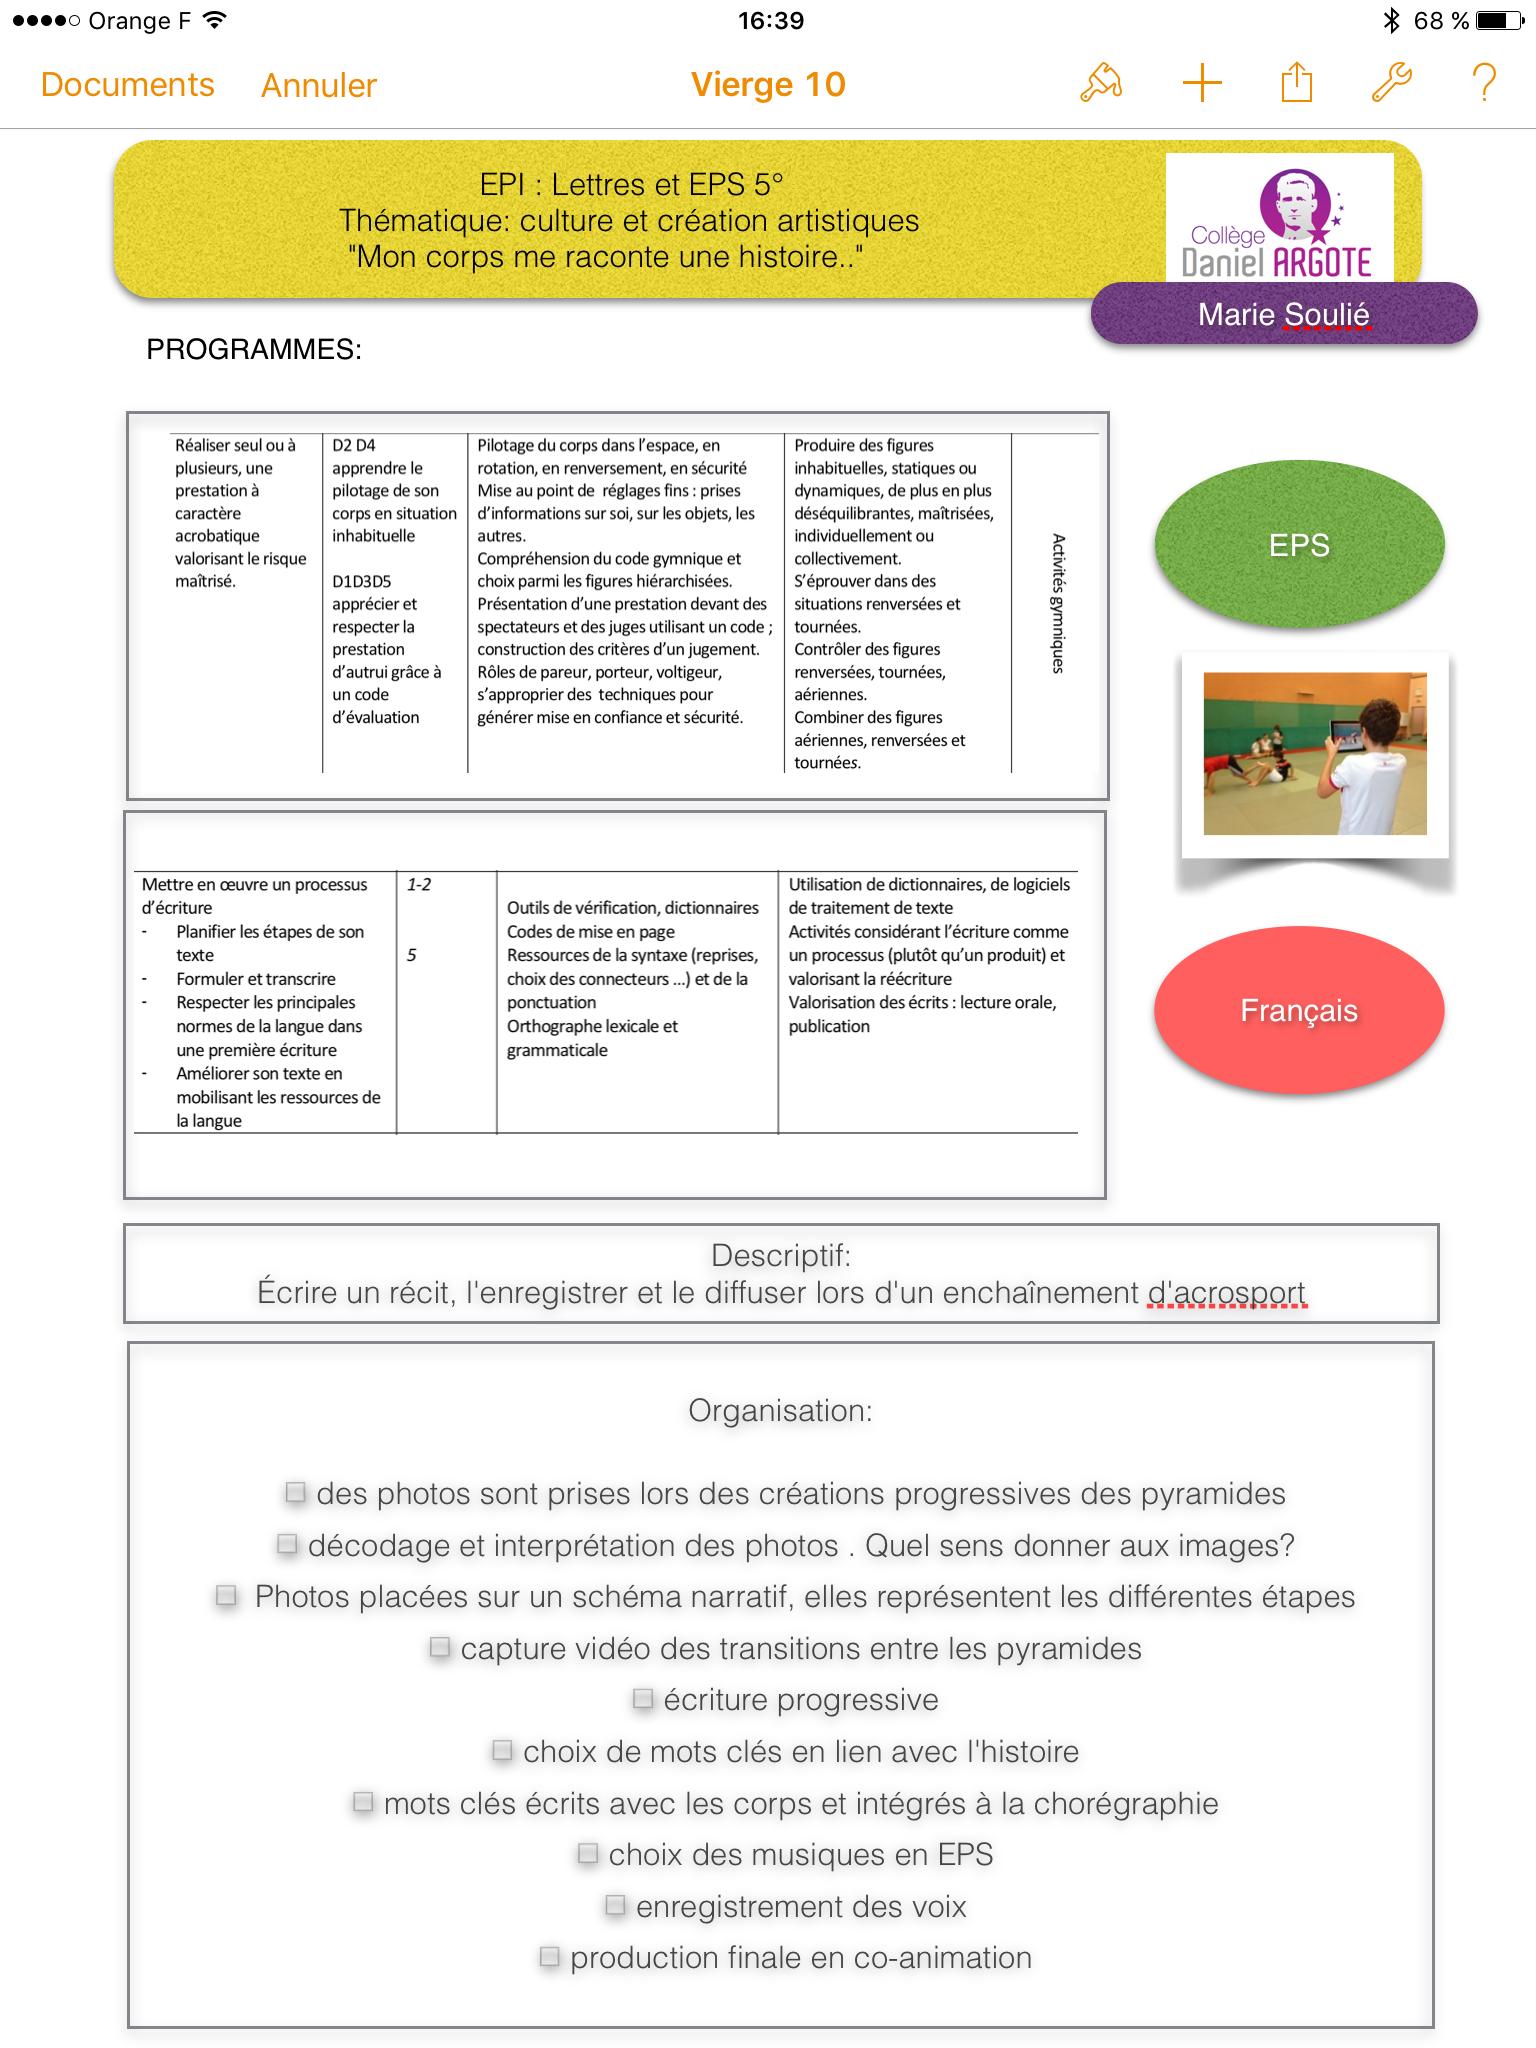 traduction site de rencontre en espagnol chat de rencontre en ligne gratuit quebec